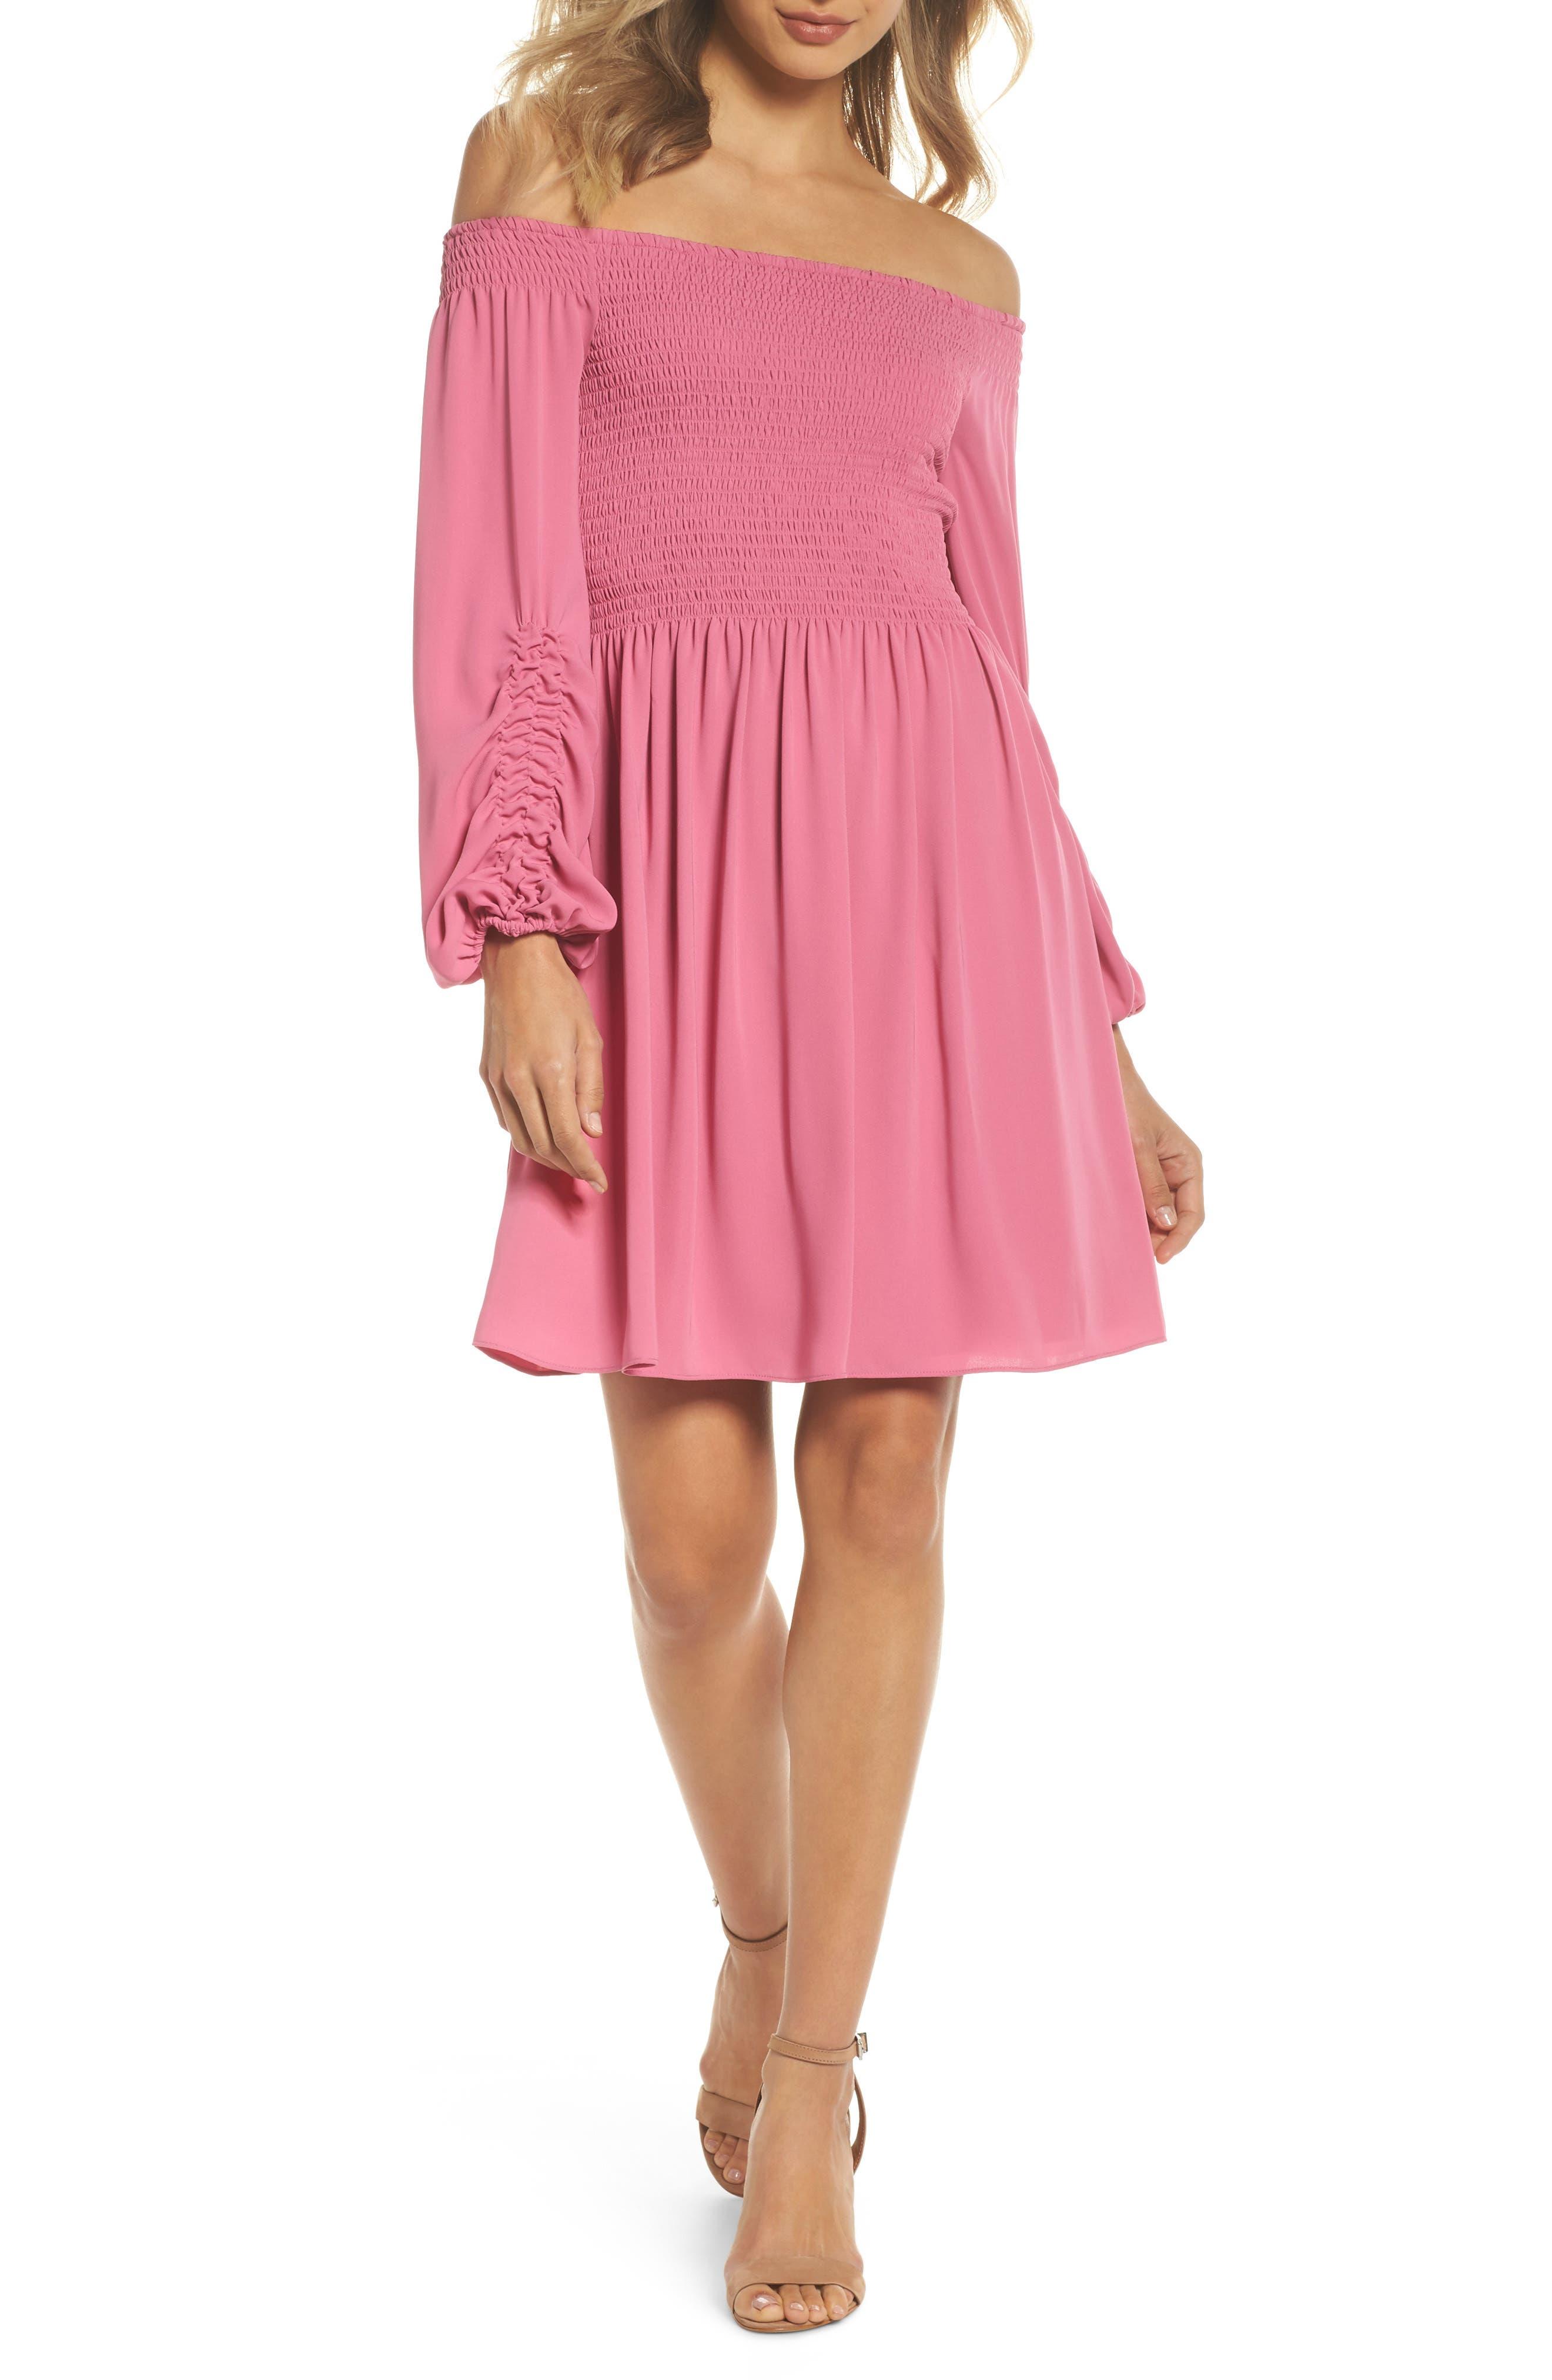 Alternate Image 1 Selected - Kobi Halperin Nina Off the Shoulder Dress (Nordstrom Exclusive)